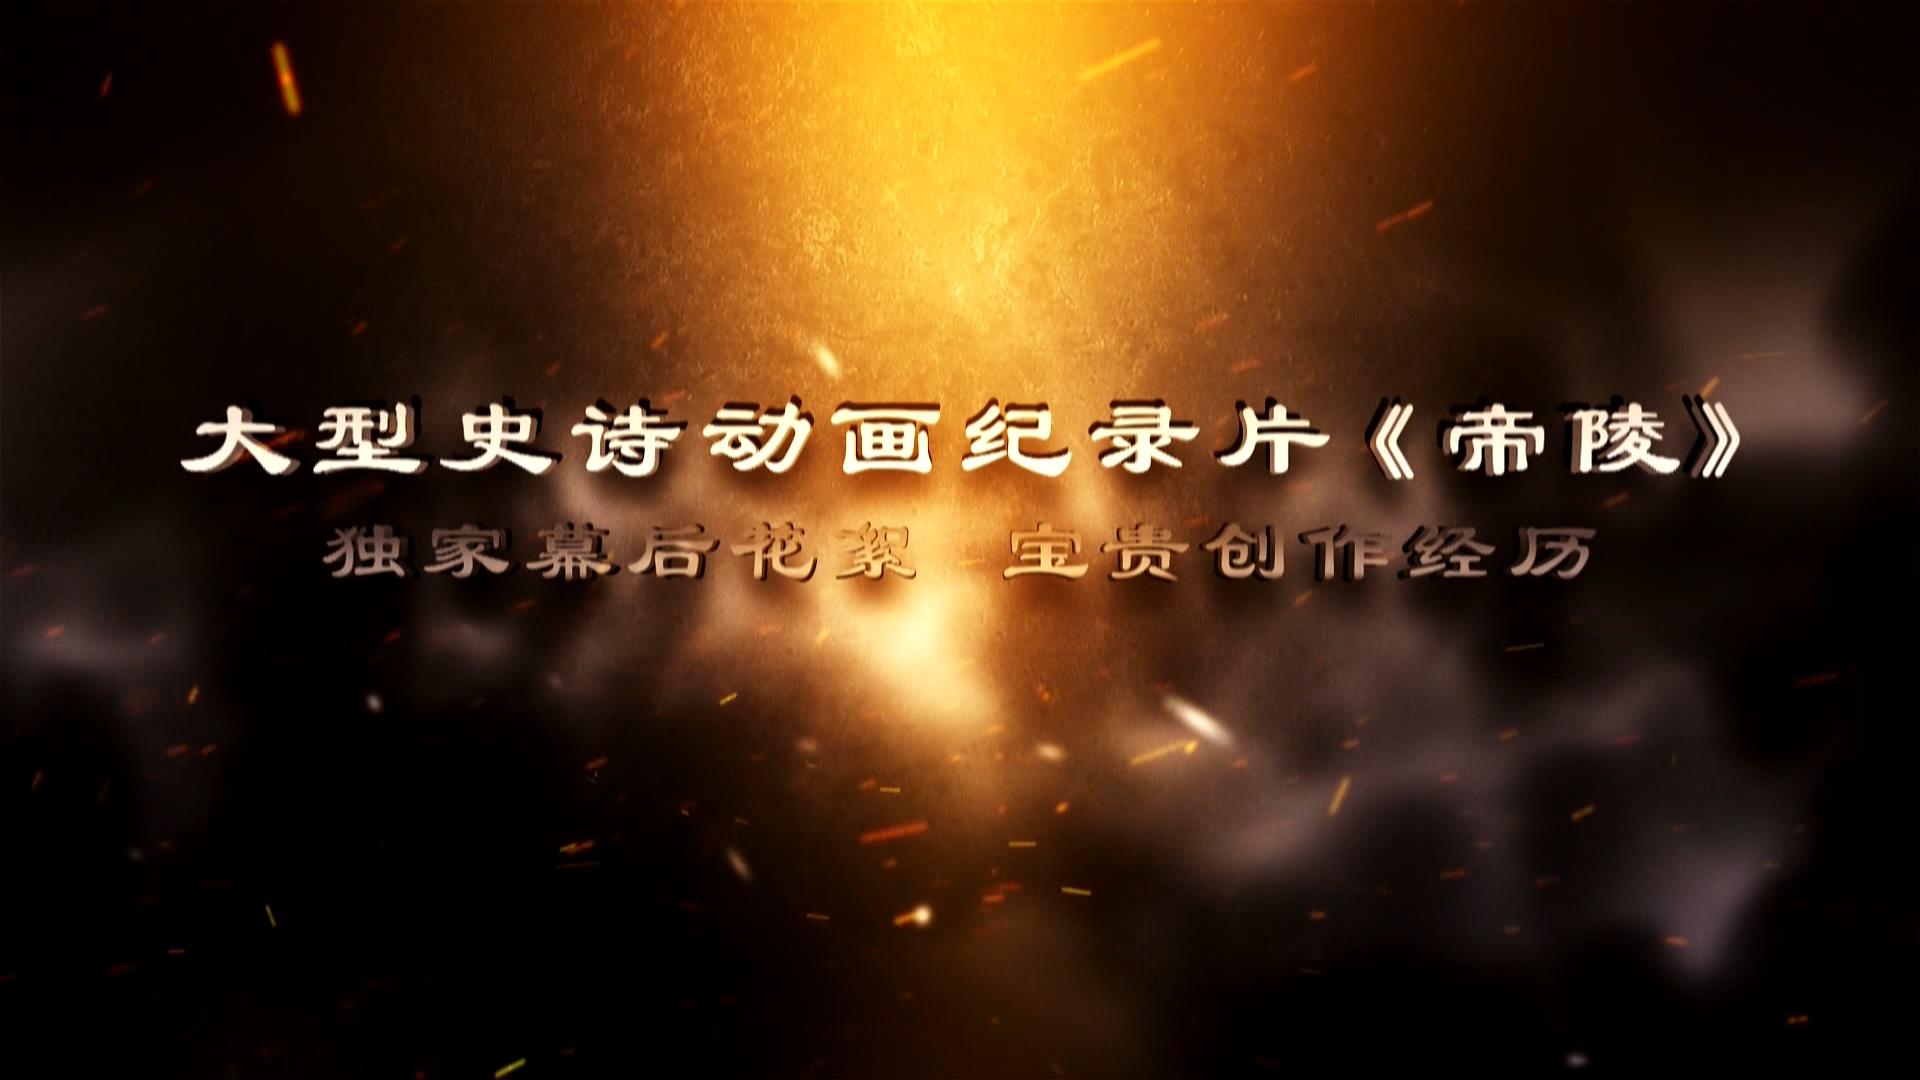 《帝陵》紀錄片花絮